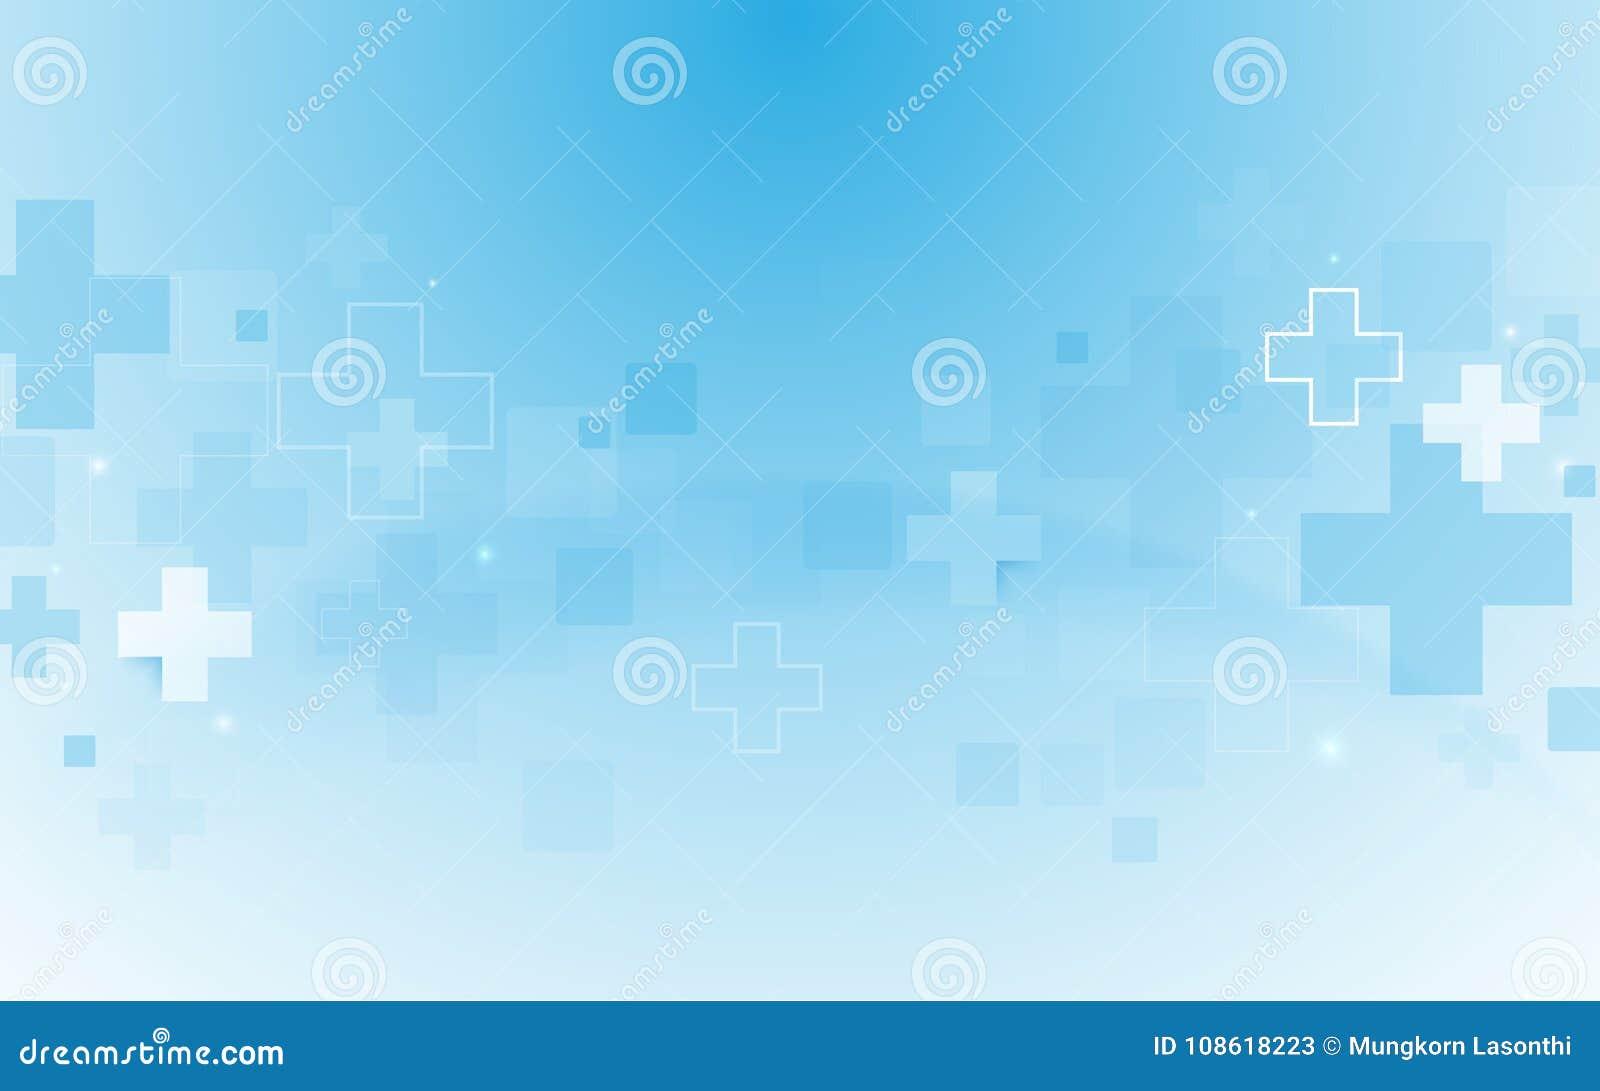 Abstrakcjonistyczny geometryczny medyczny przecinający kształt nauki i medycyny pojęcia tło